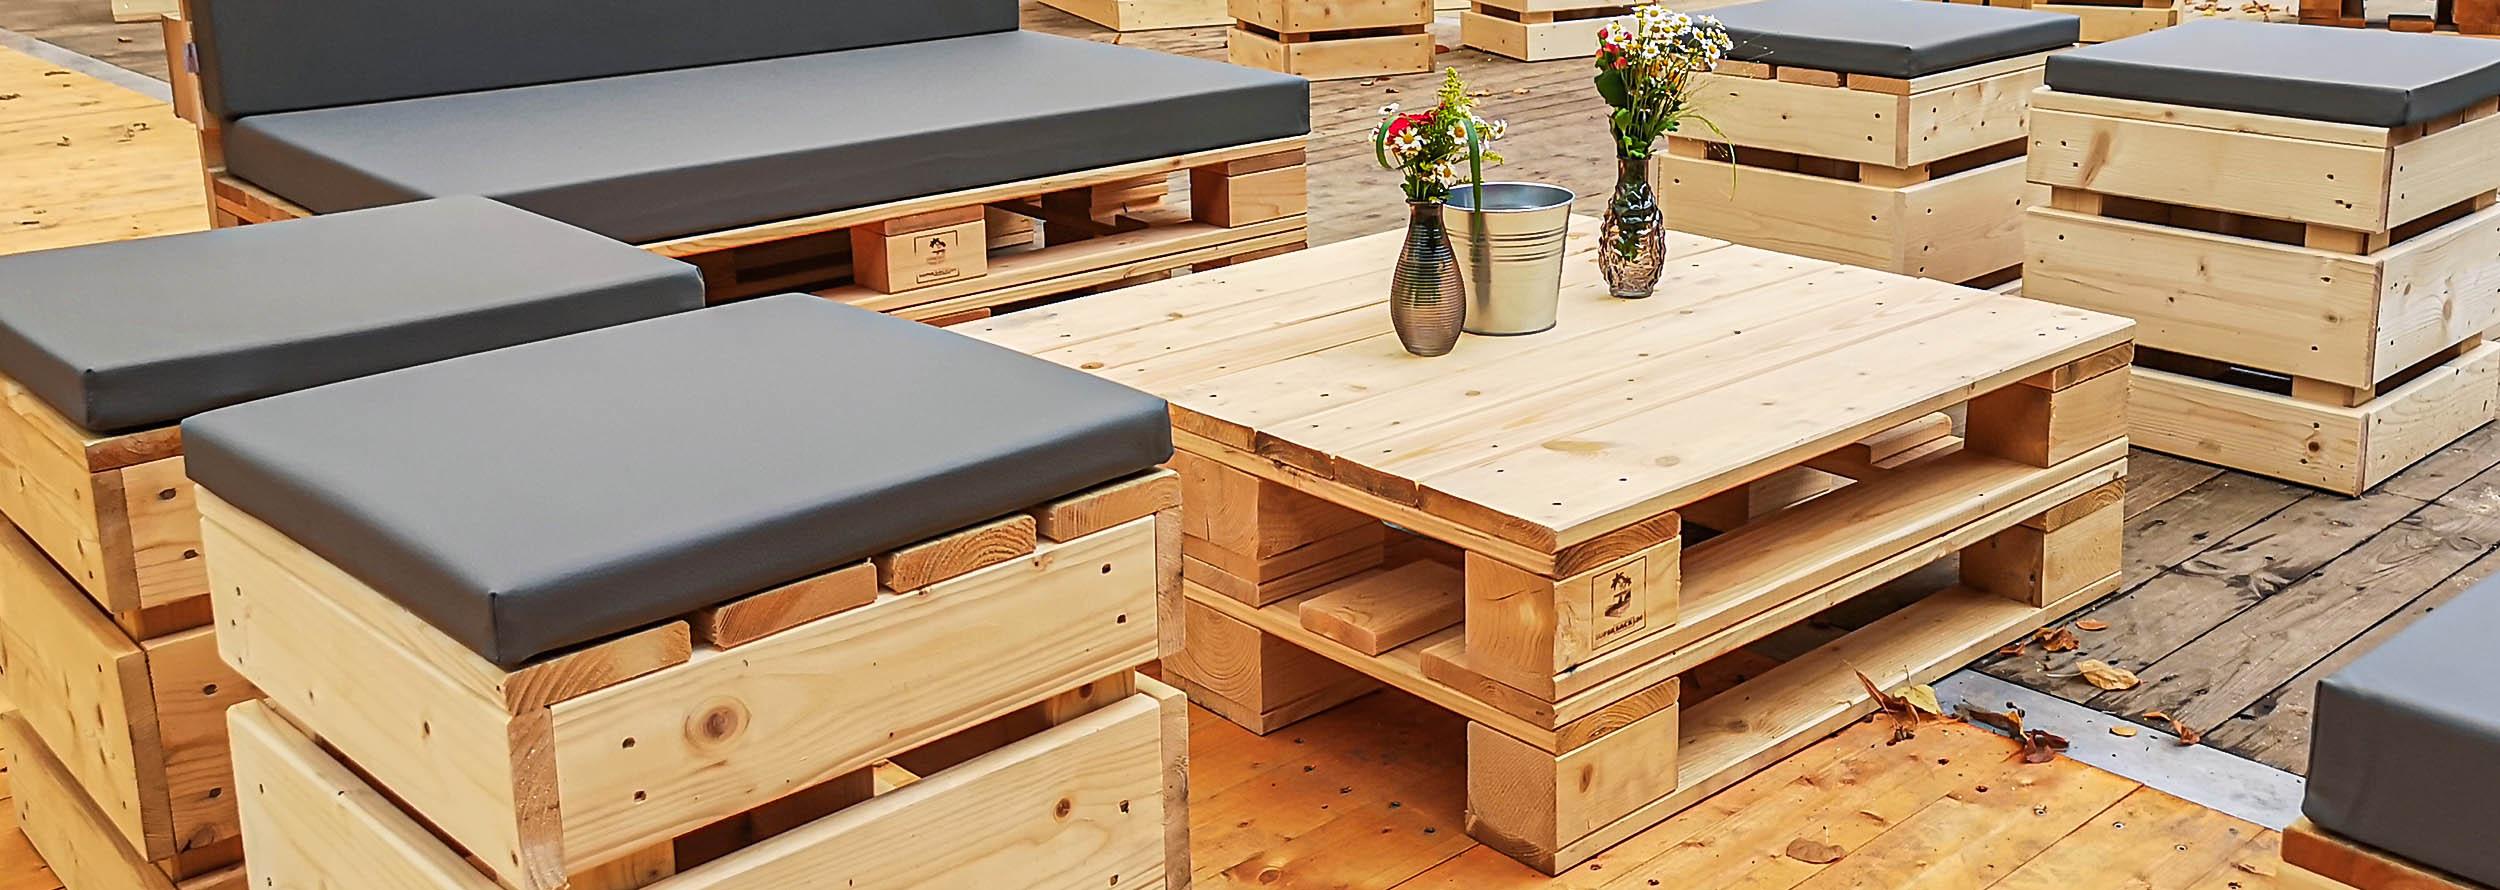 Palettenmöbel kaufen - Paletten-Tische von SUPERSACK